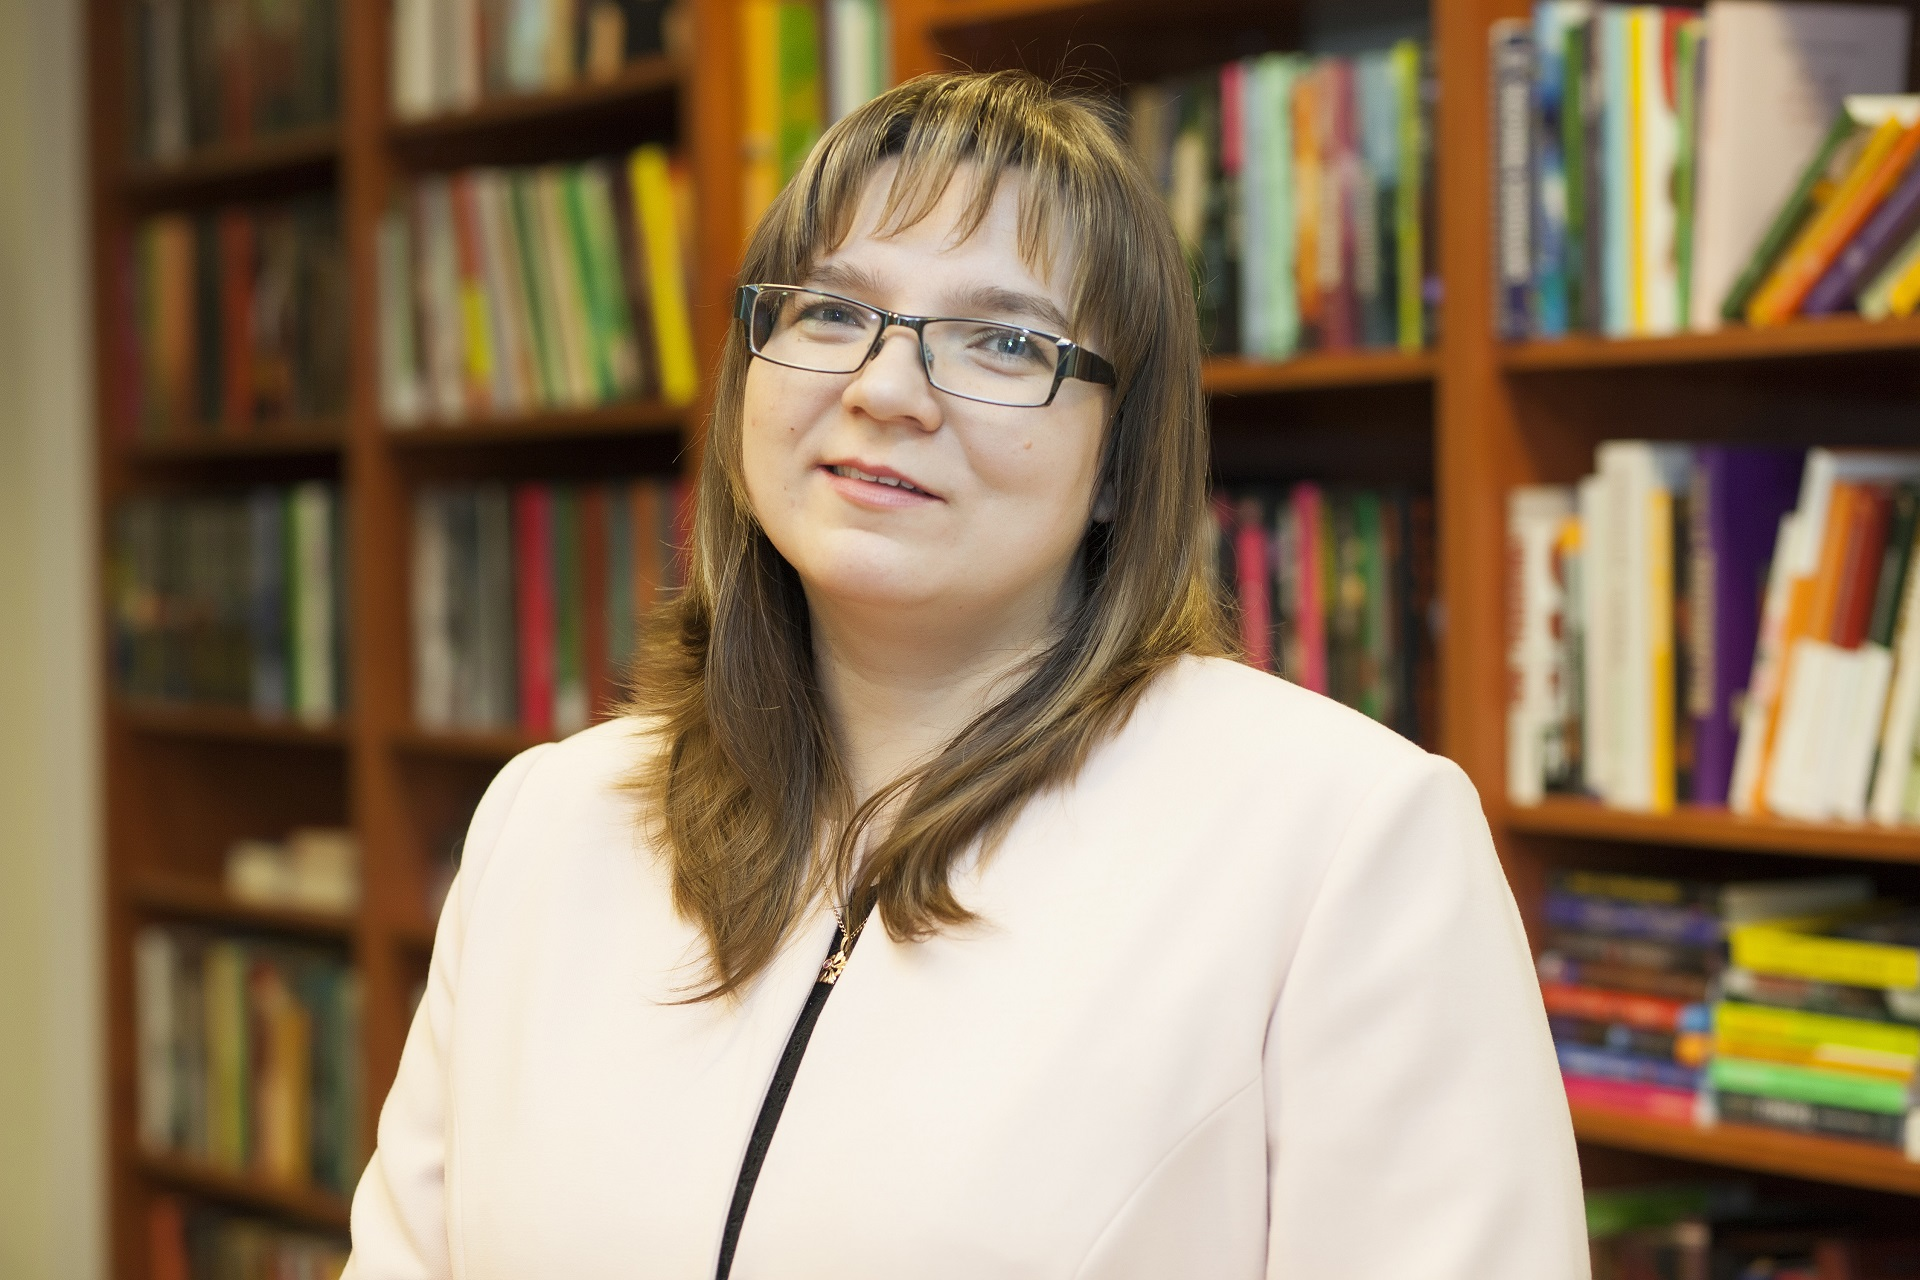 """VDU profesorė Daiva Jakavonytė-Staškuvienė įsitikinusi, jog """"jeigu siekiame kokybės, mokytojai tikrai turėtų būti magistro laipsnio"""". / Asmeninio archyvo nuotr."""